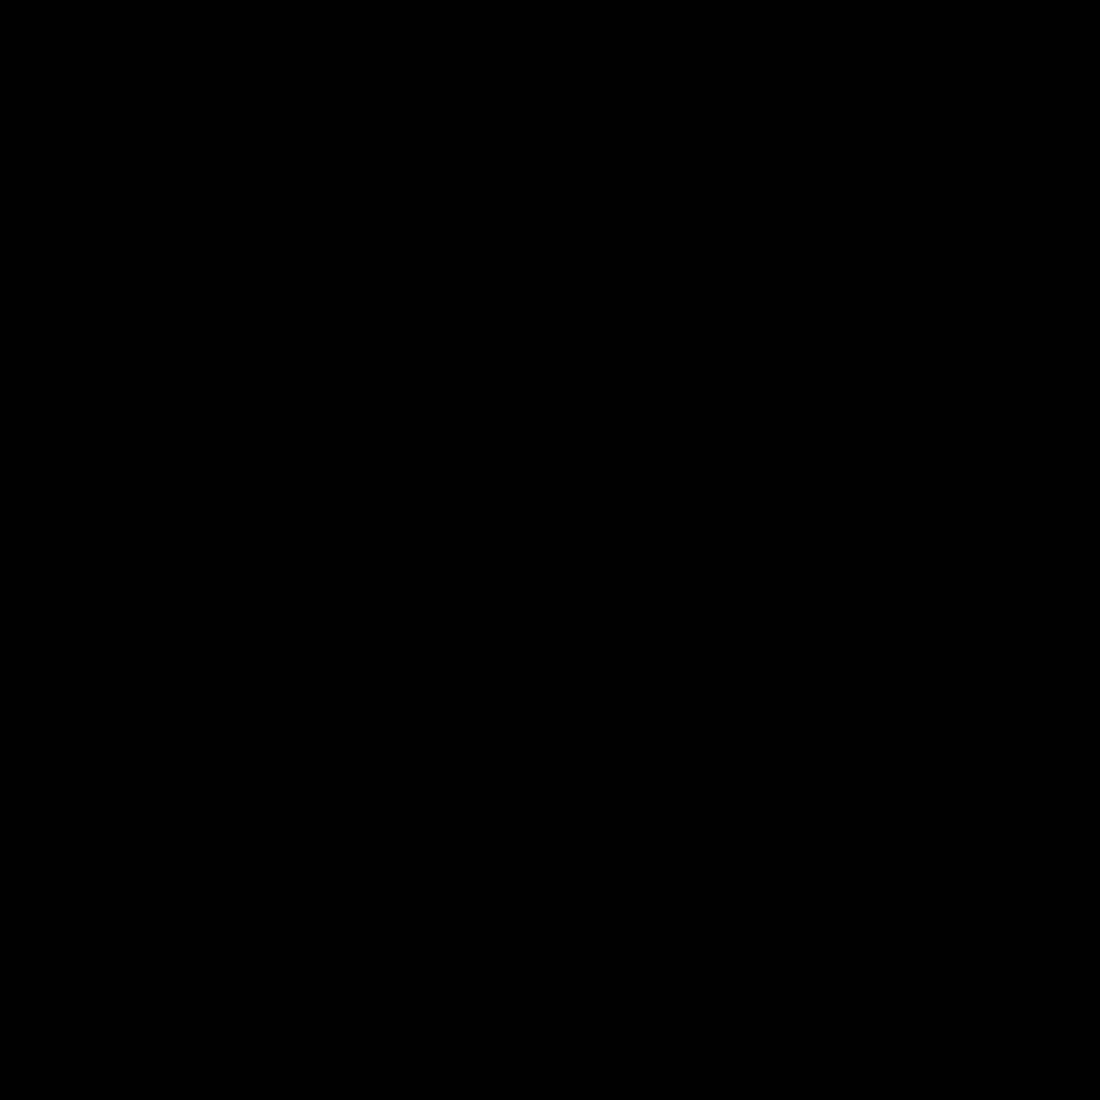 透過ロゴ1